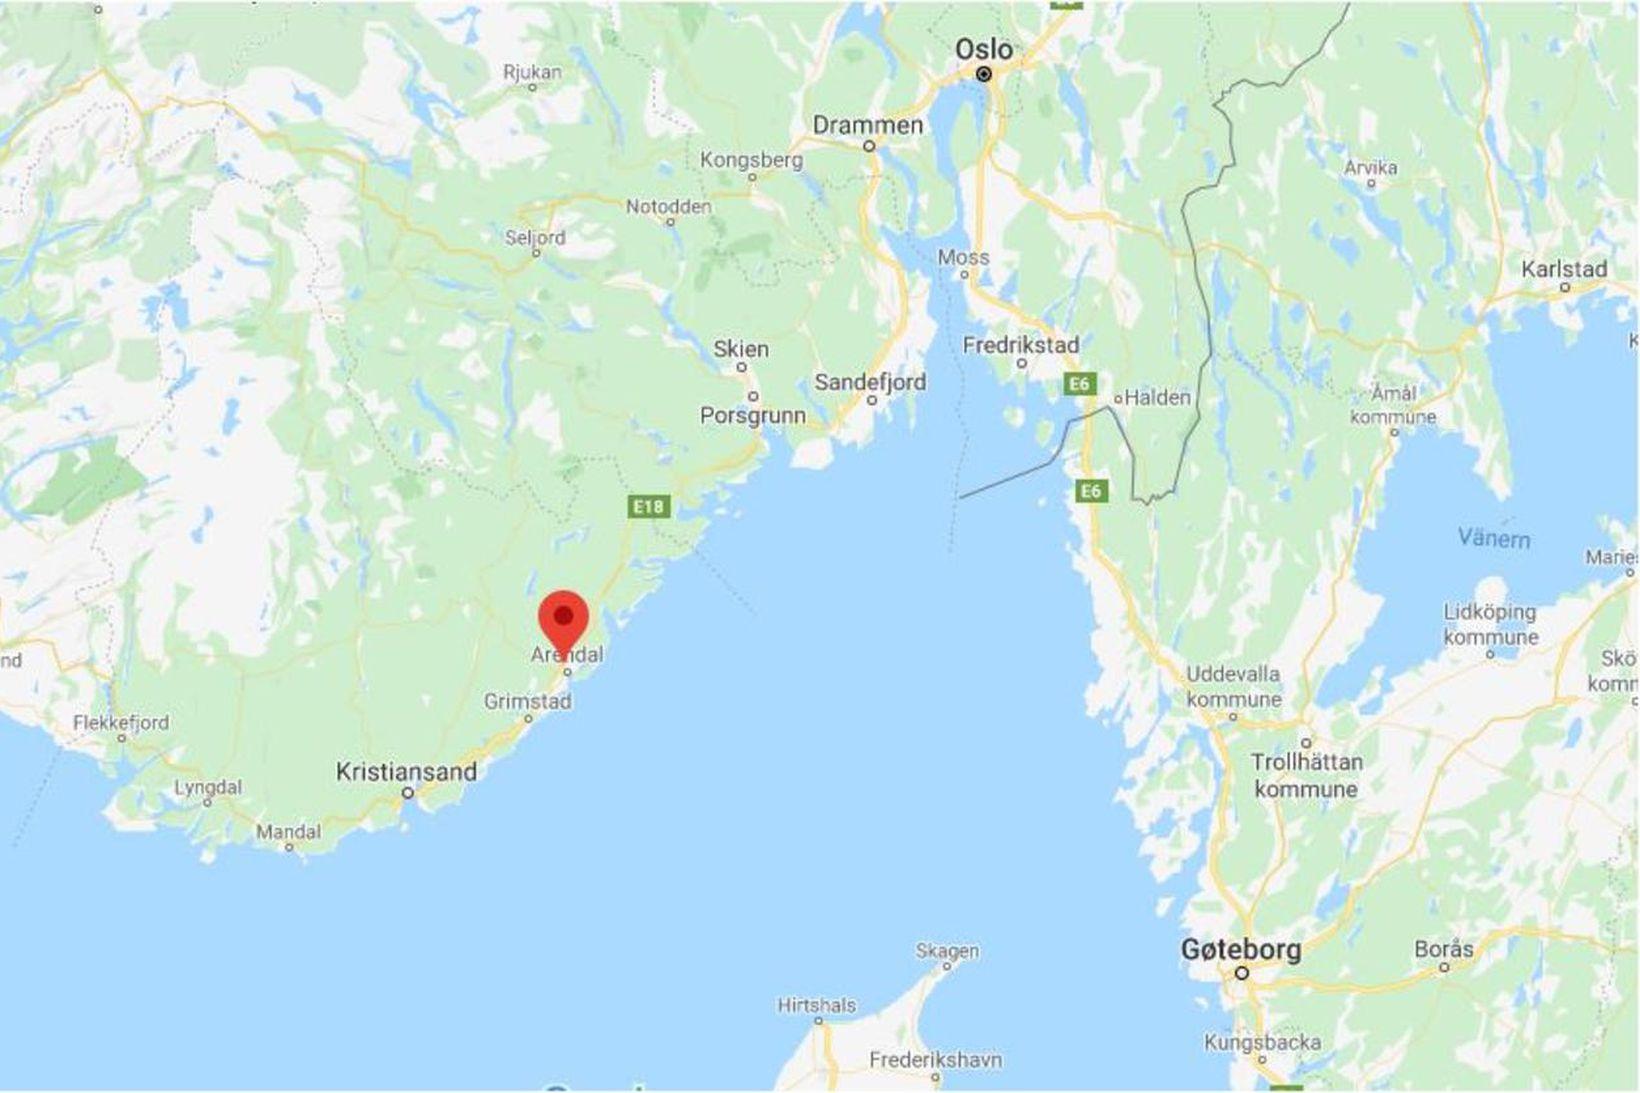 Steinsås-járnnámurnar gömlu eru í Arendal, skammt norðaustur af Kristiansand í …